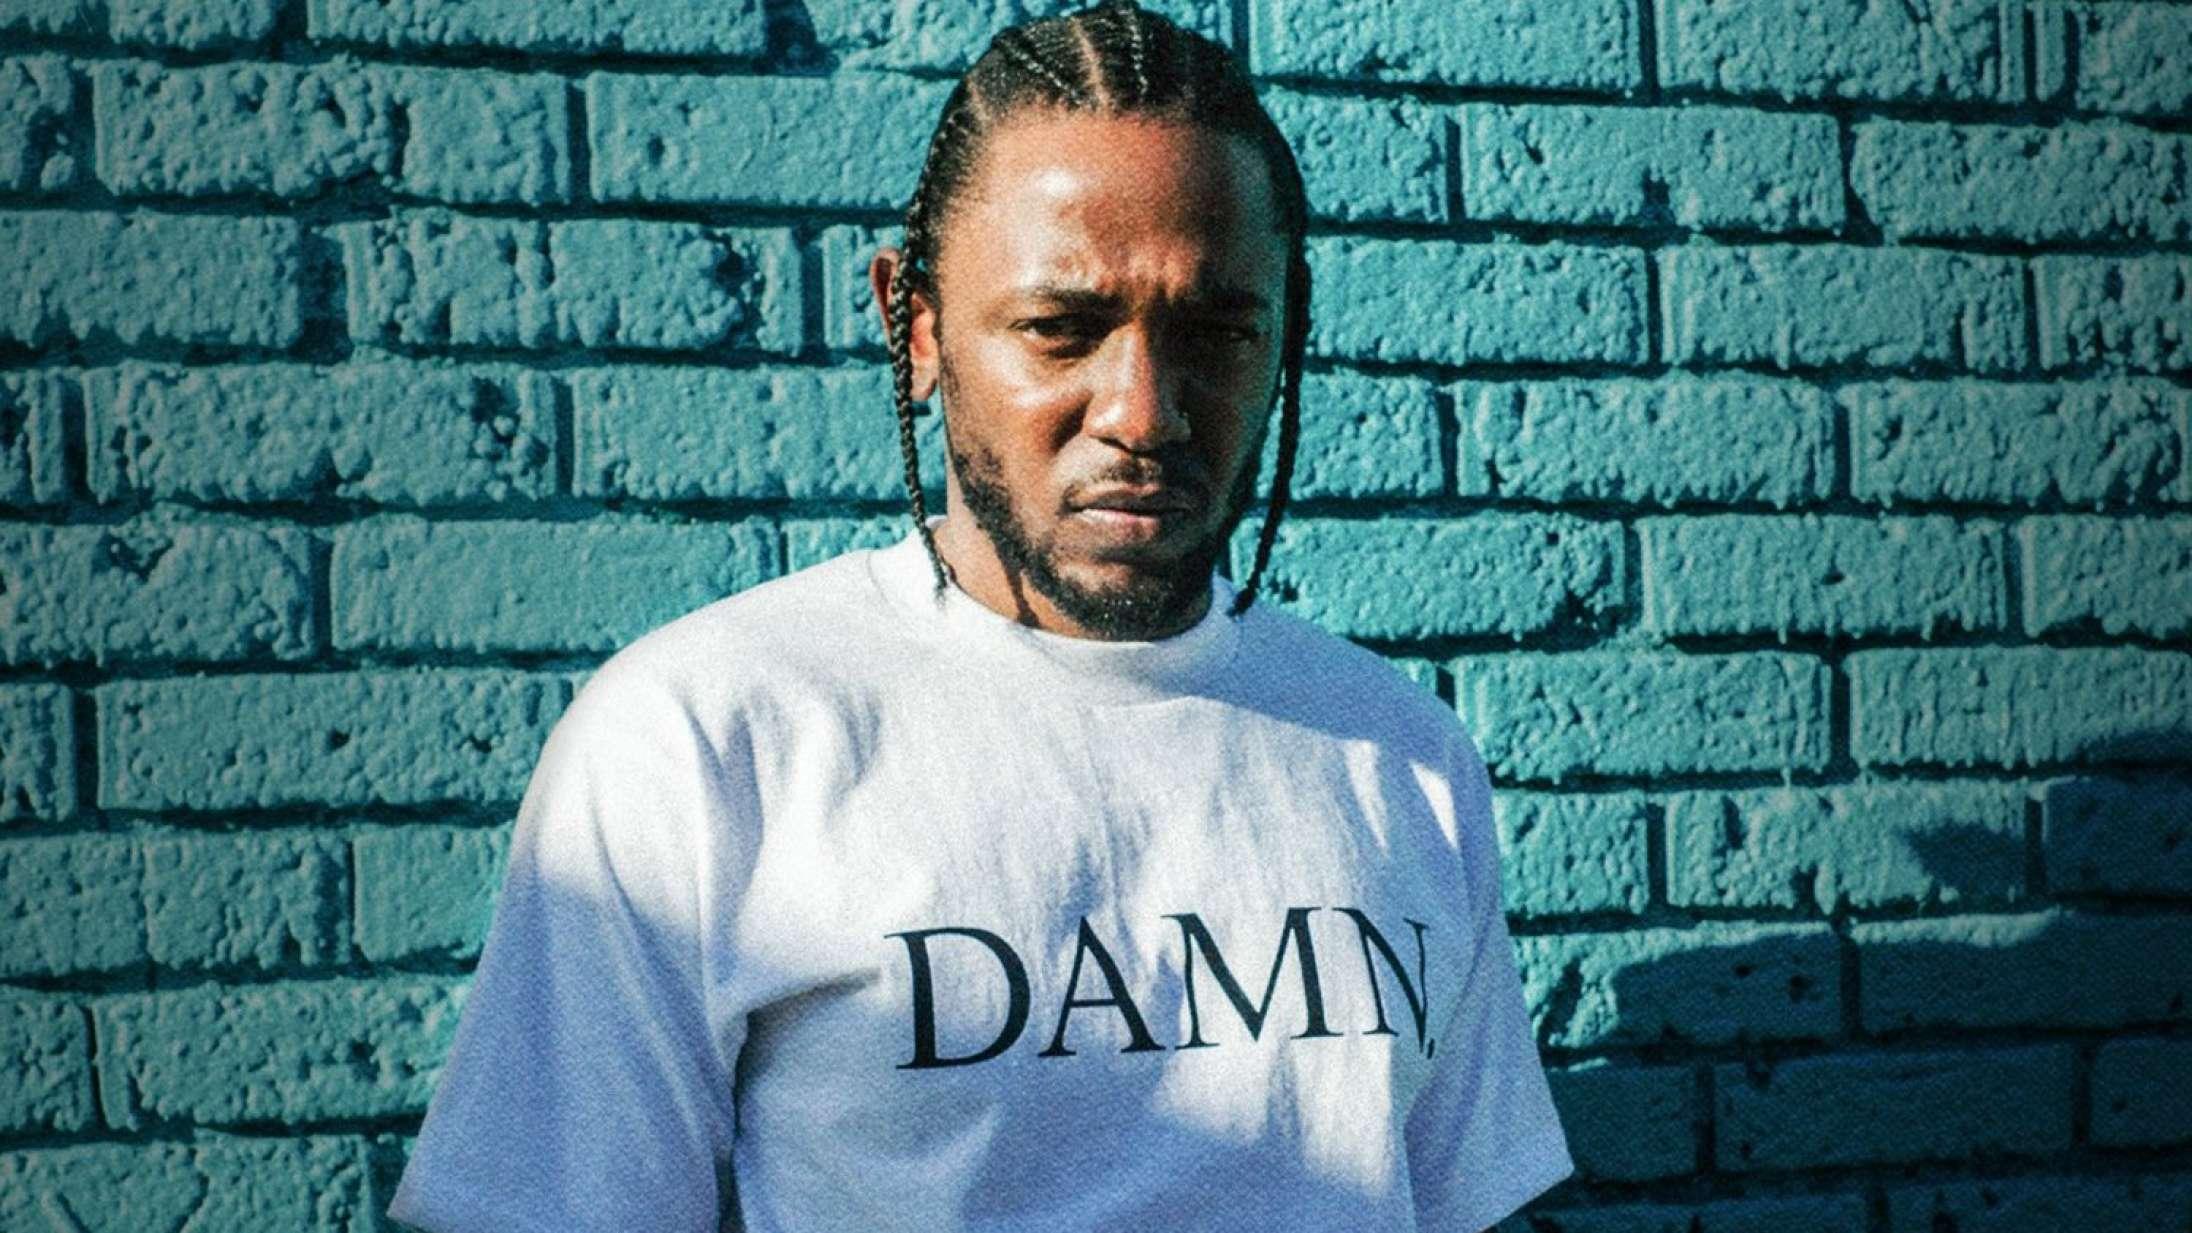 Hvornår udkom der egentlig sidst et hiphopalbum, man kan kalde for en klassiker?